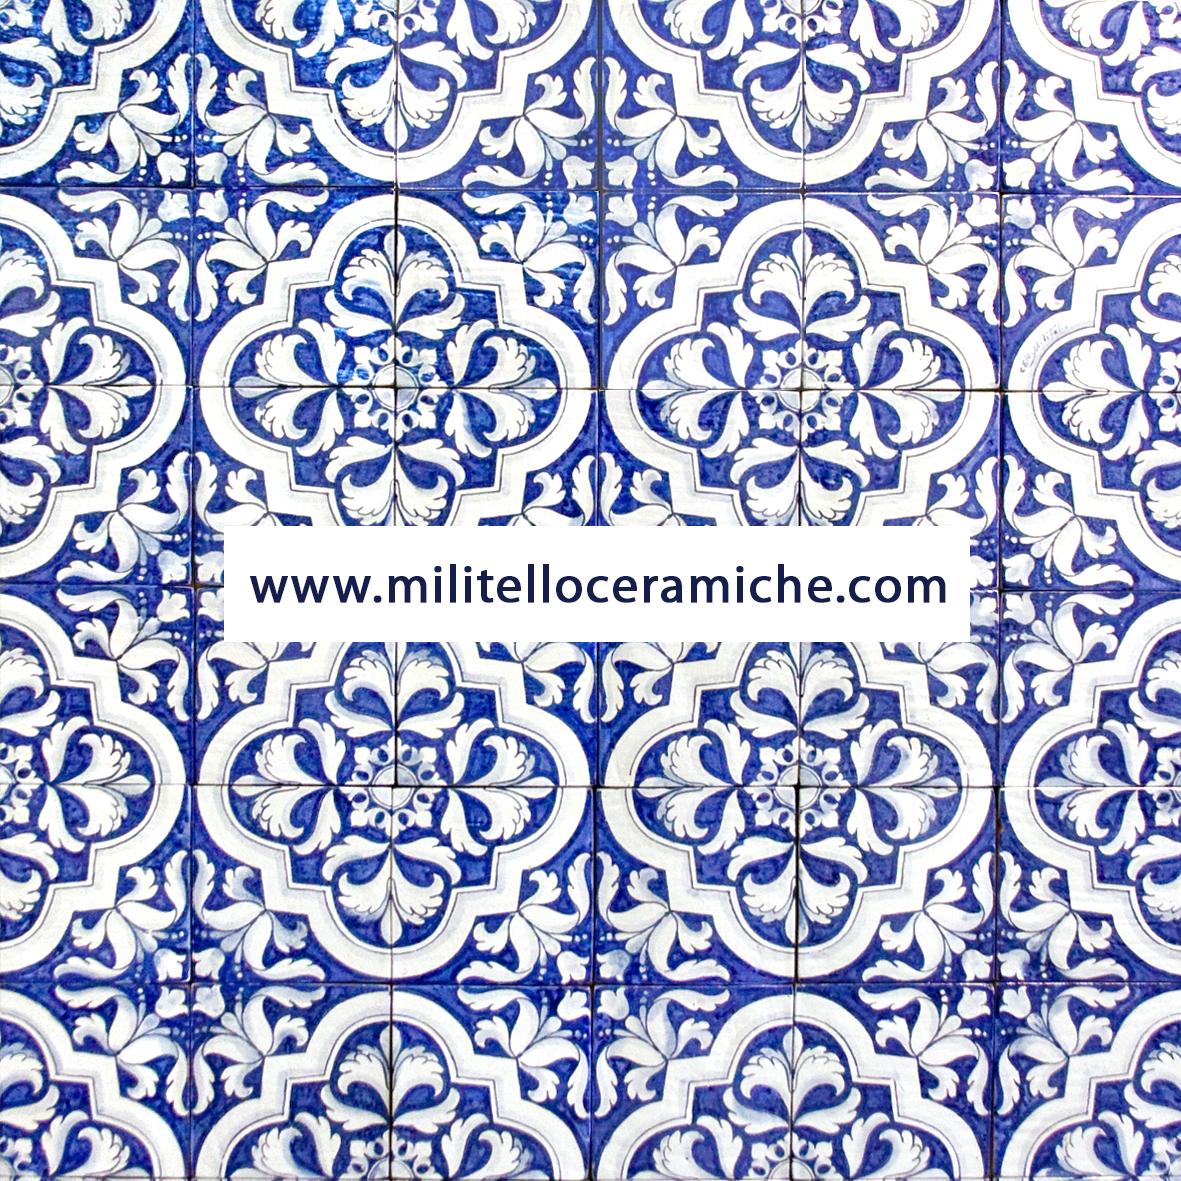 Pavimenti e rivestimenti in maiolica decorati a mano piastrelle